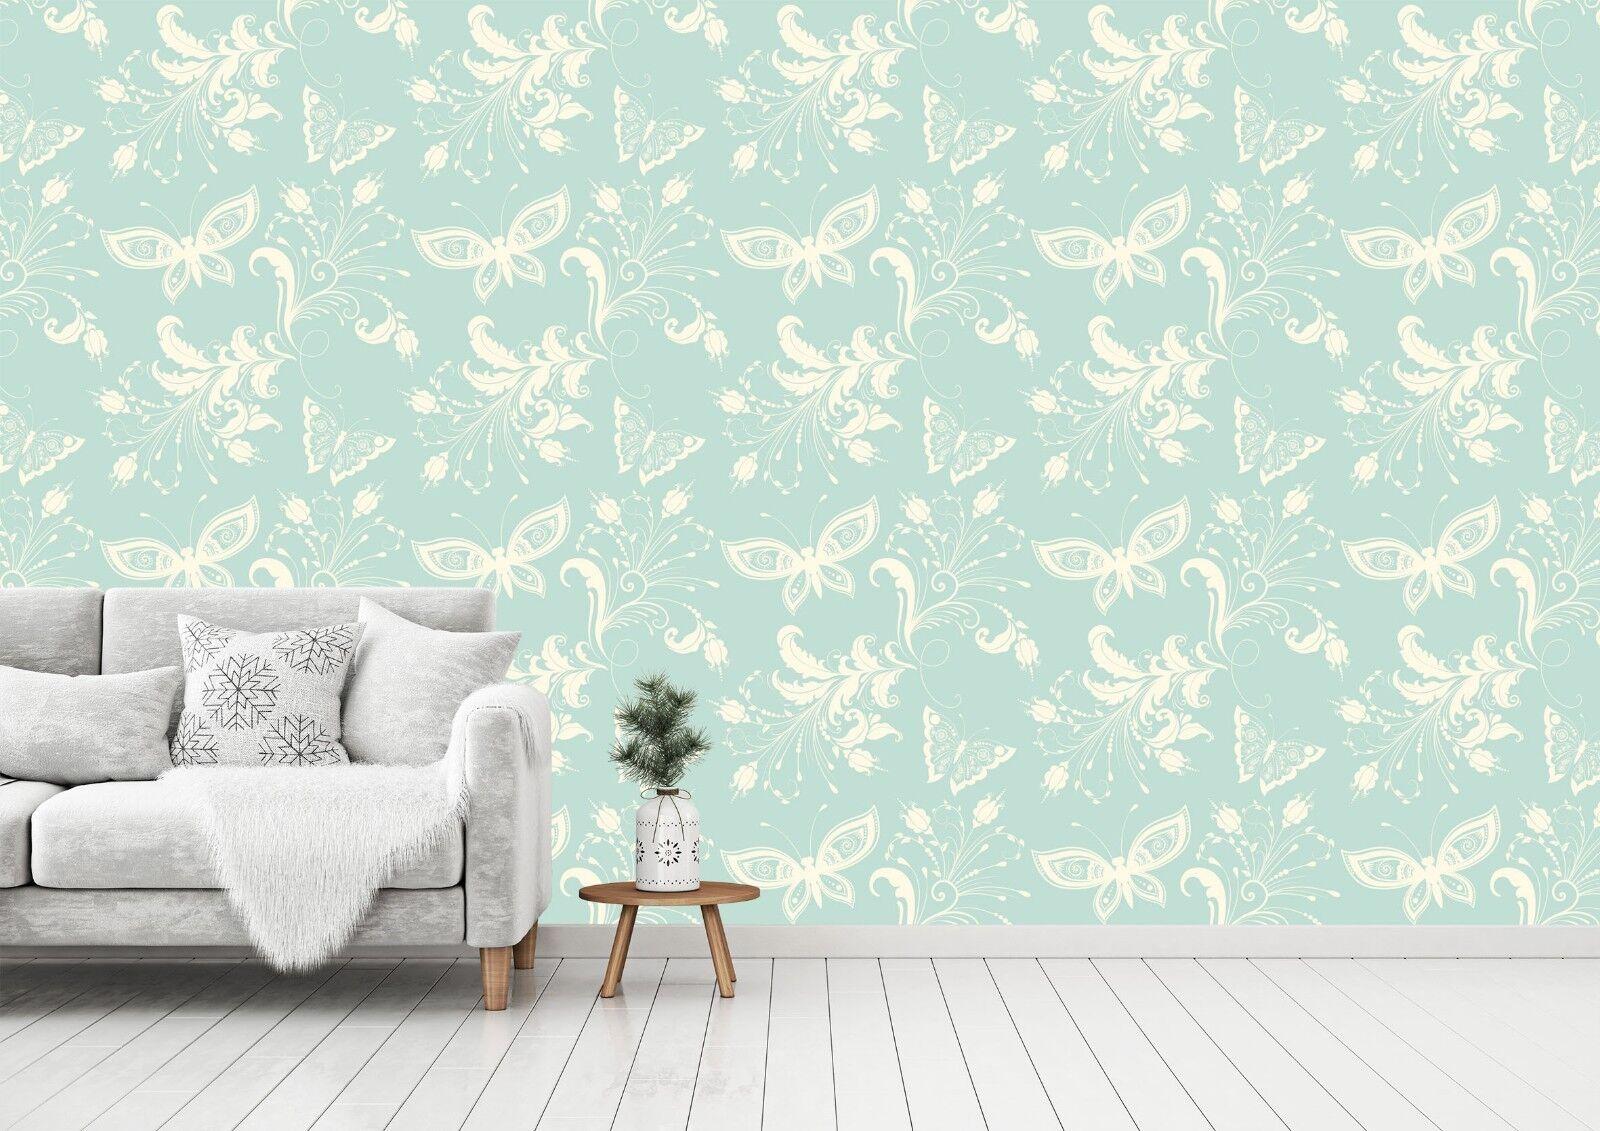 3D Flowers Butterflies 58 Wallpaper Murals Wall Print Wallpaper Mural AJ WALL UK